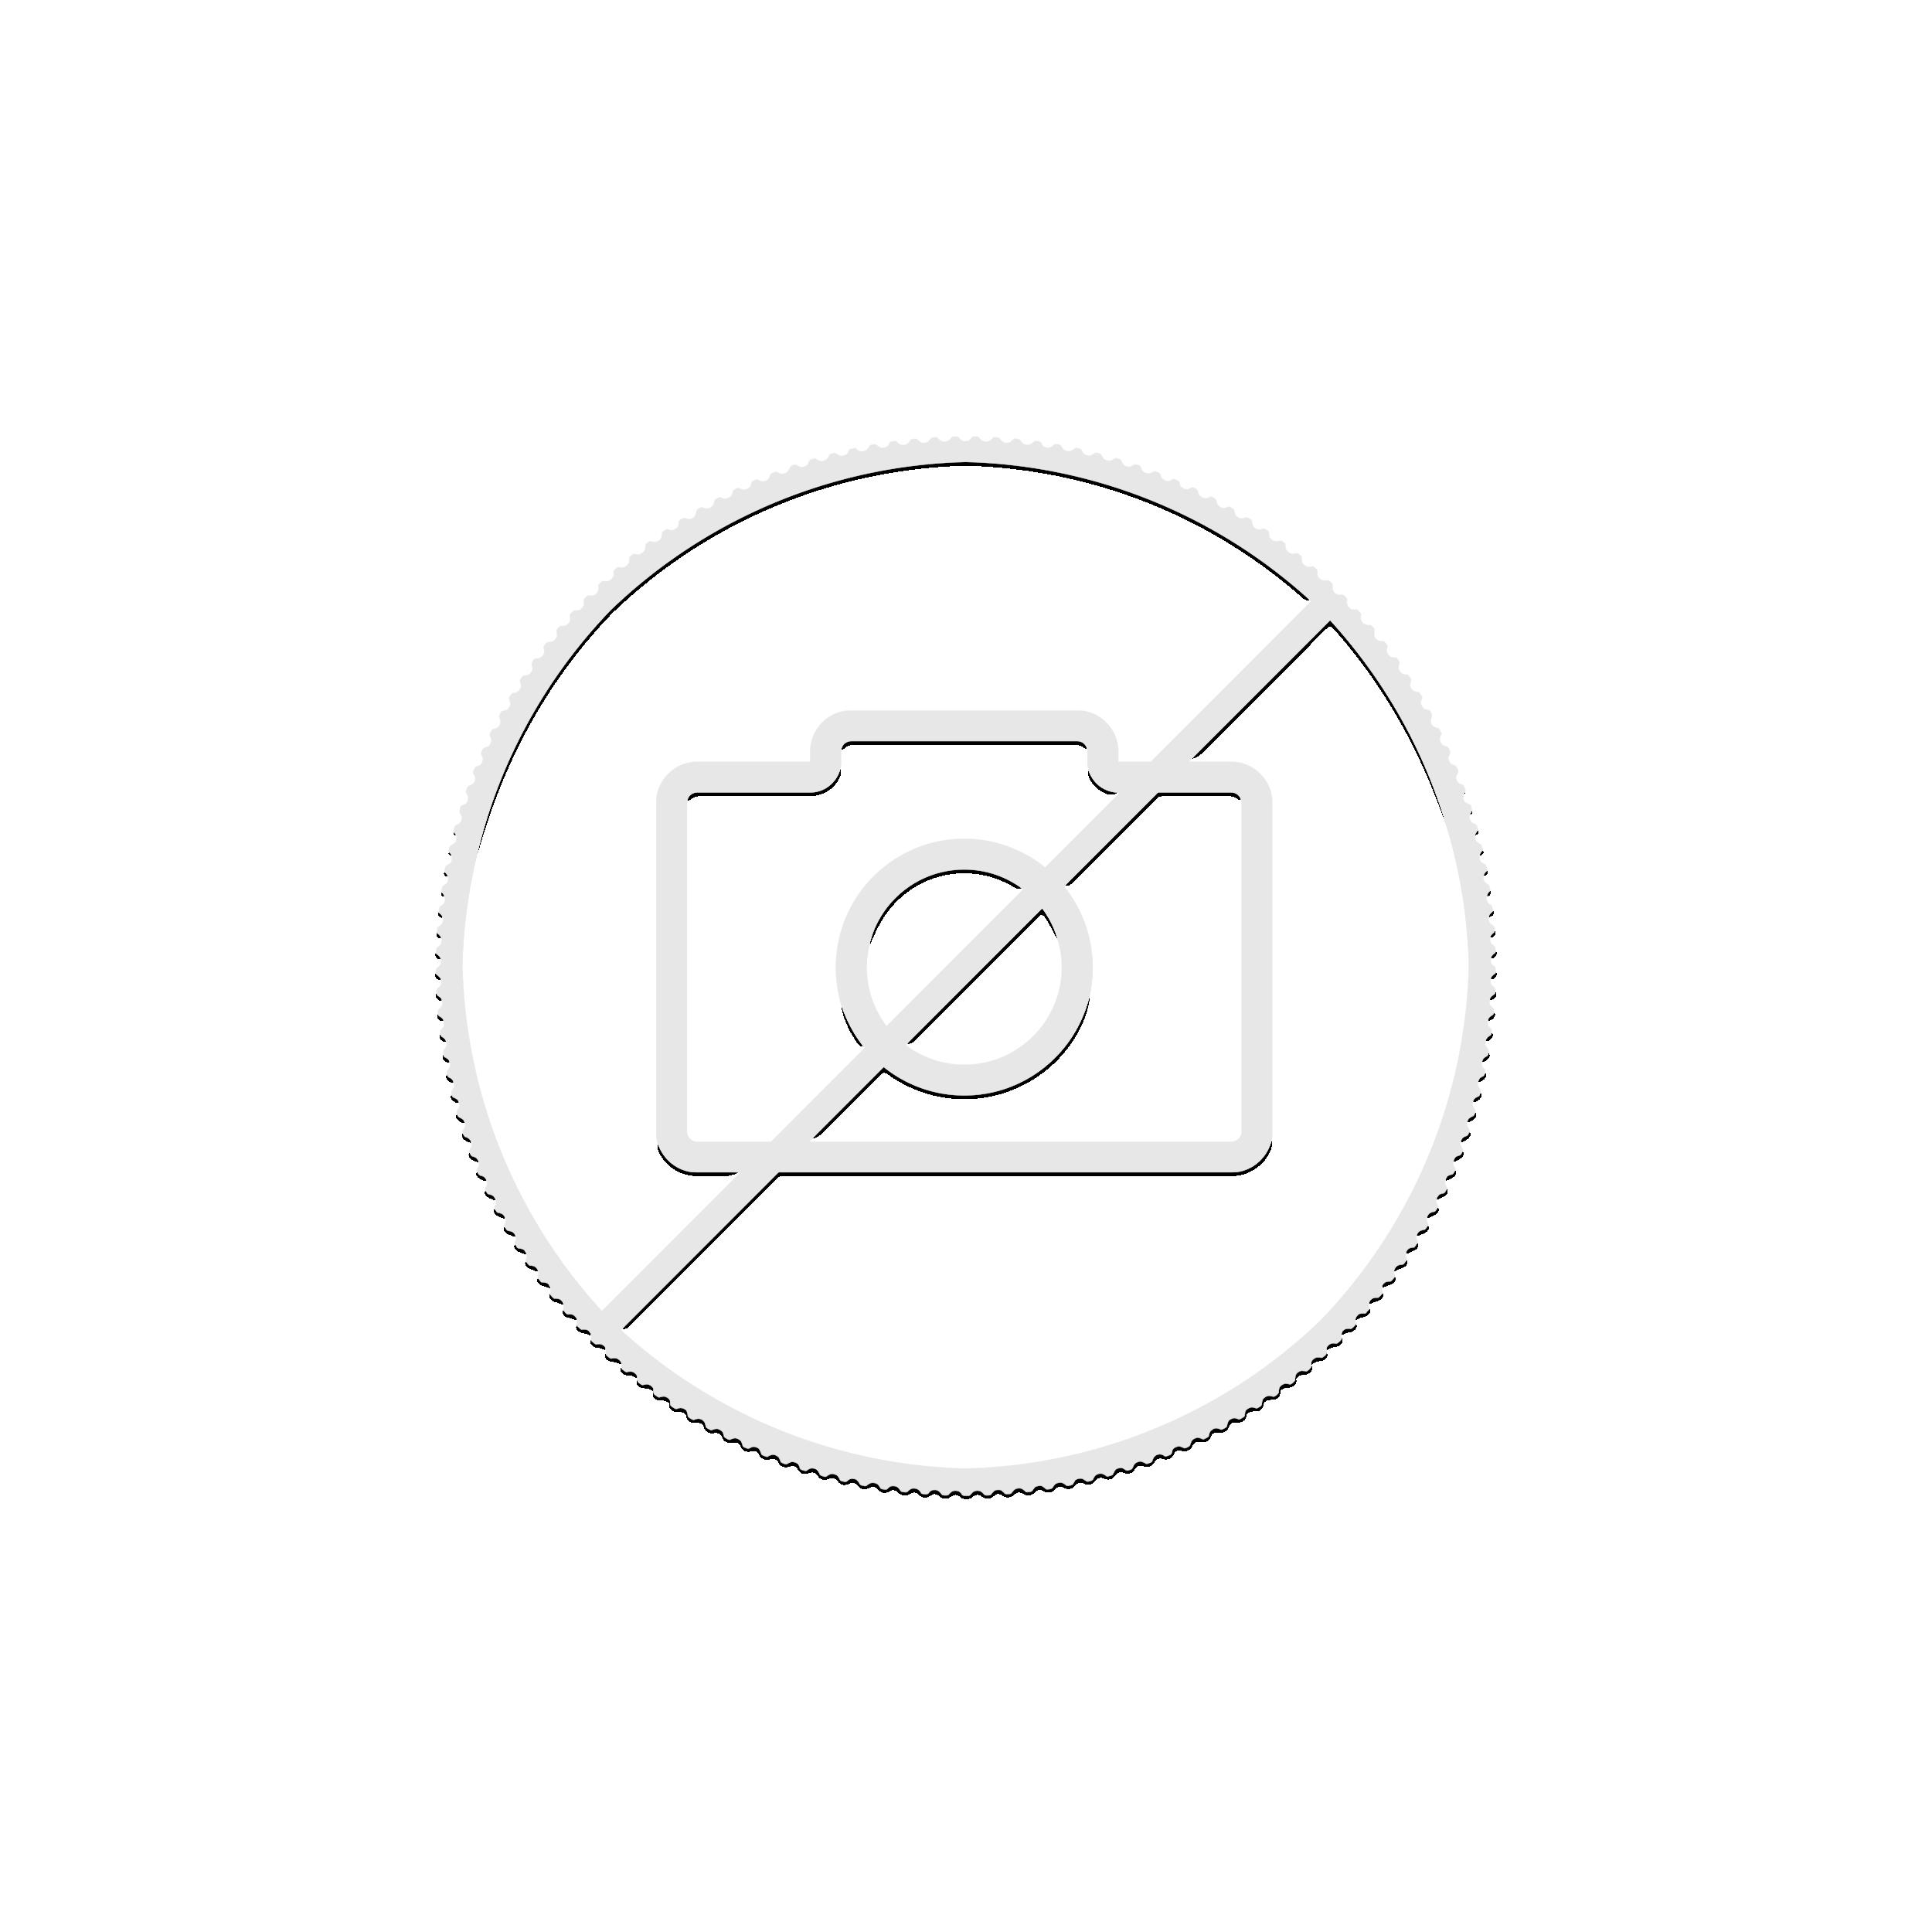 150 Gram zilveren munt Panda 2019 box